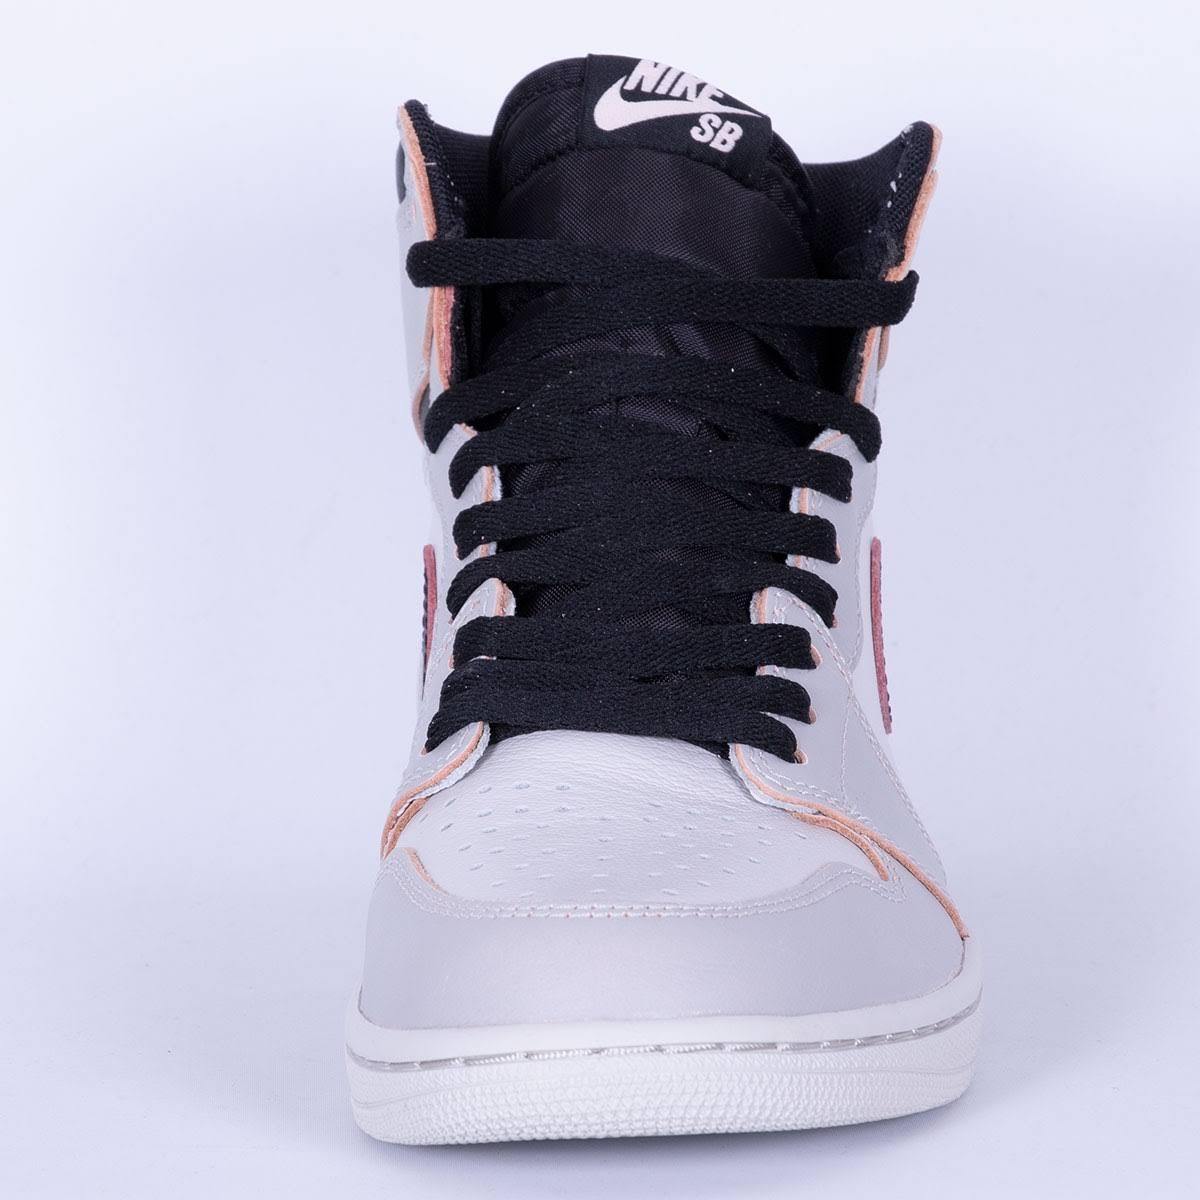 Air Jordan 1 High OG Defiant Light Bone